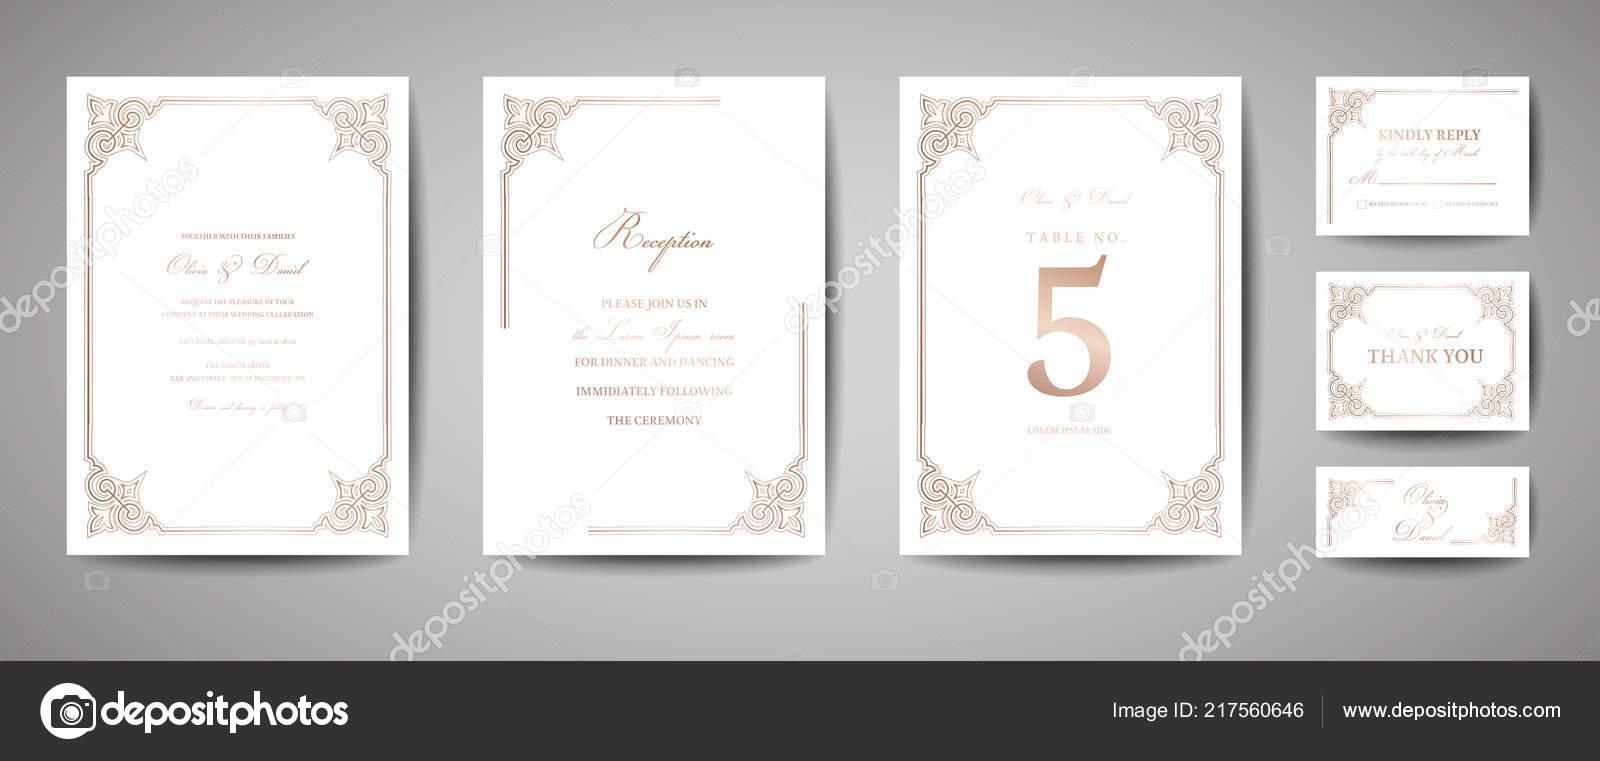 Luxus Oldtimer Hochzeit Save The Date Einladung Karten Sammlung Mit